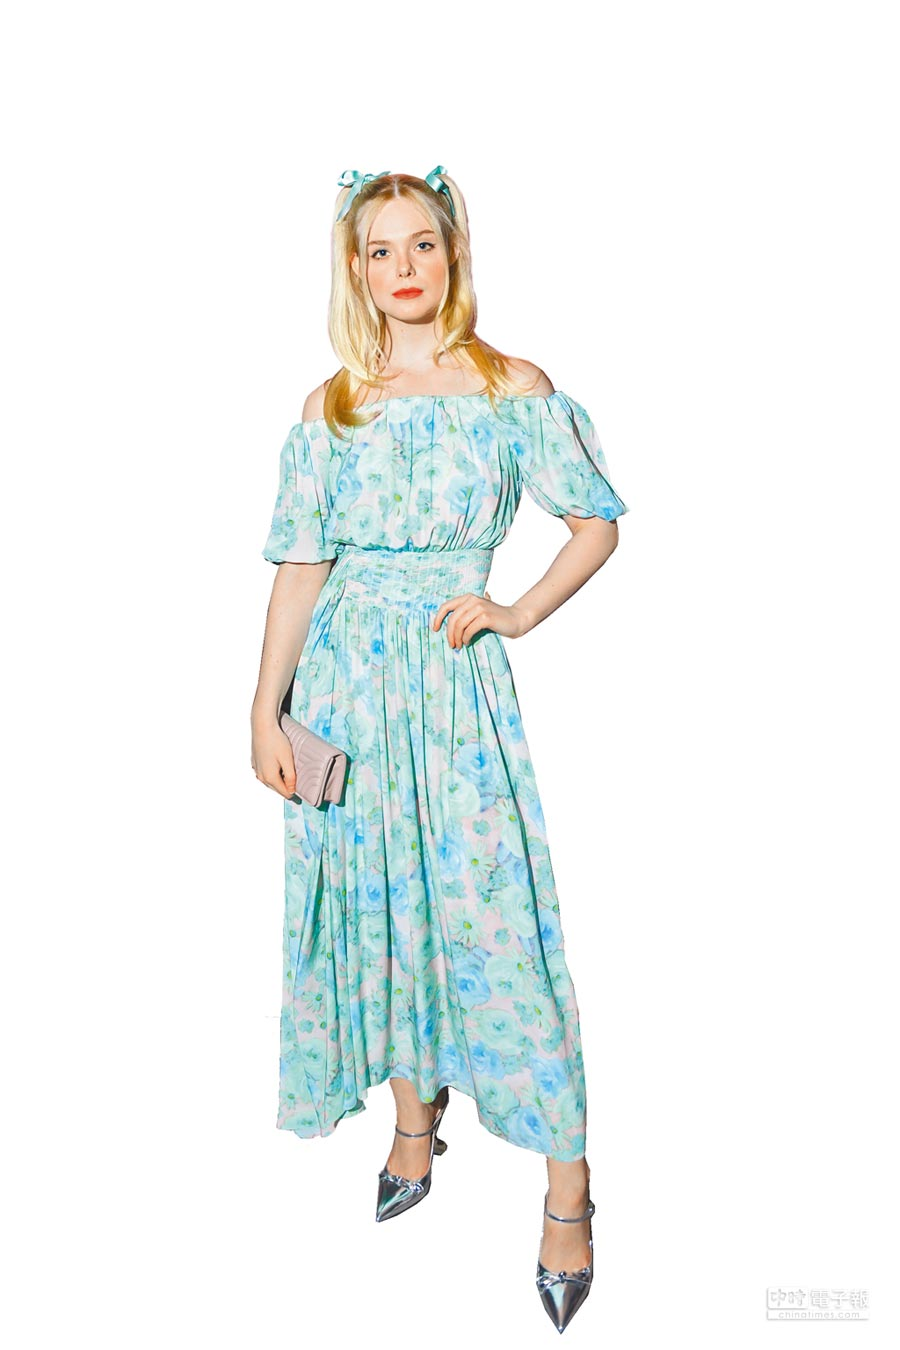 艾兒芬妮綁著雙馬尾,在藍綠花卉洋裝襯托下宛如花園精靈。(PRADA提供)